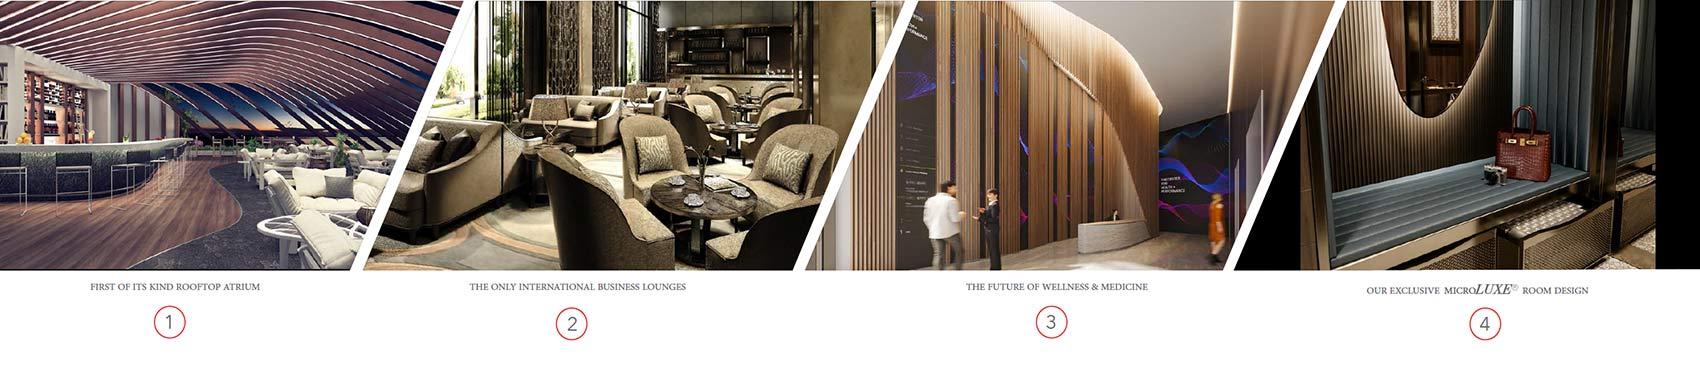 legacy-miami-condos-hotel-sales-paramount